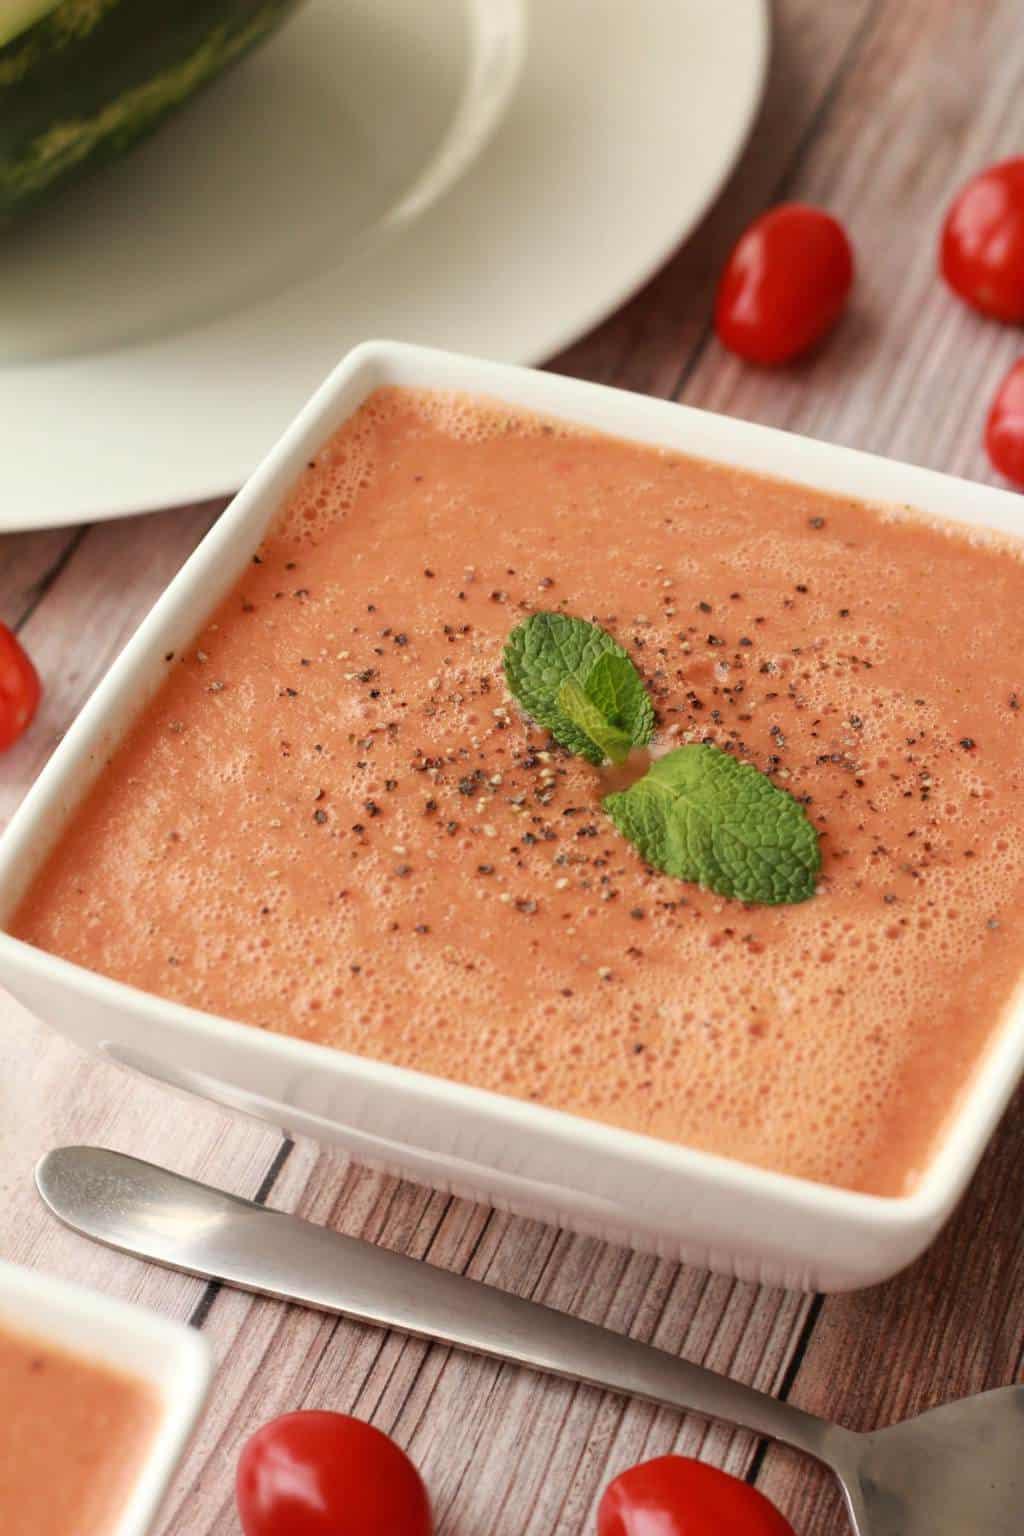 Watermelon Gazpacho, fabulously fresh and vibrant! #vegan #lovingitvegan #watermelon #gazpacho #rawvegan